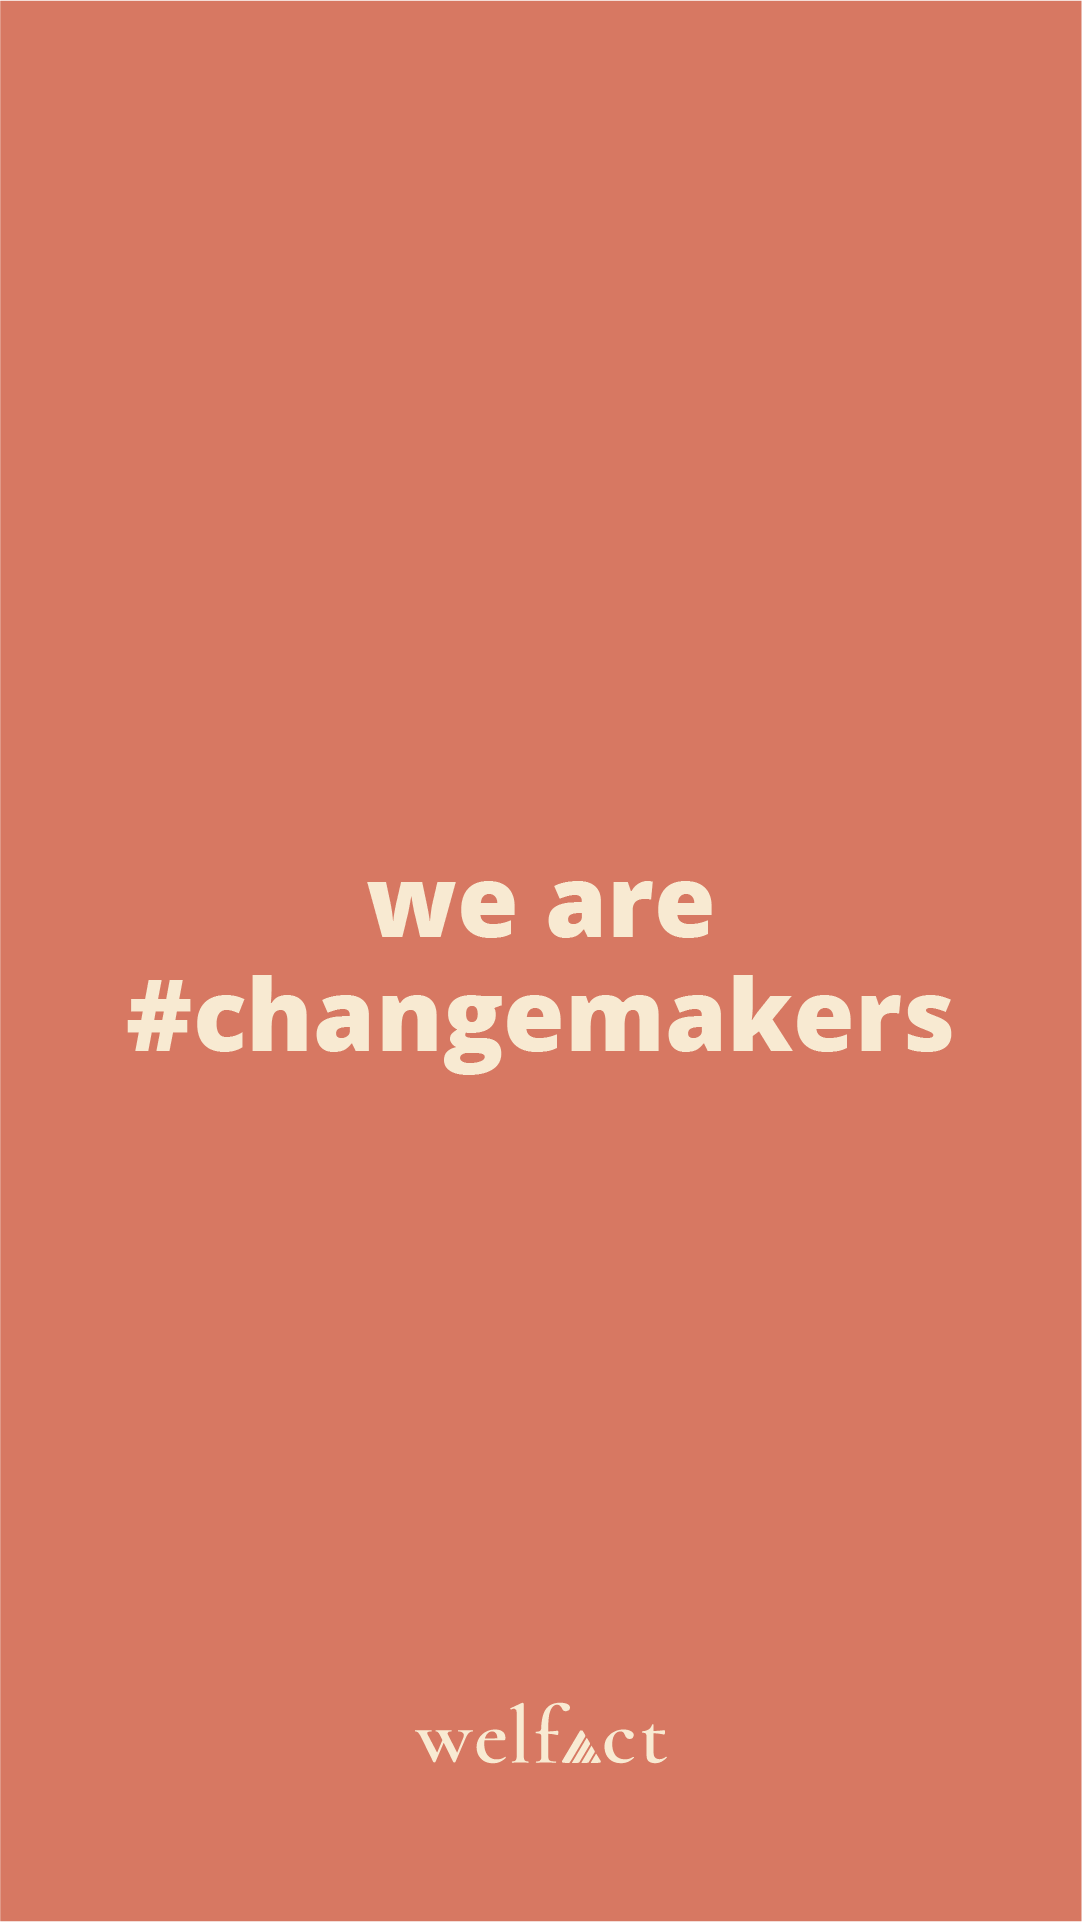 Welfact Asset - #ChangeMaker, Red